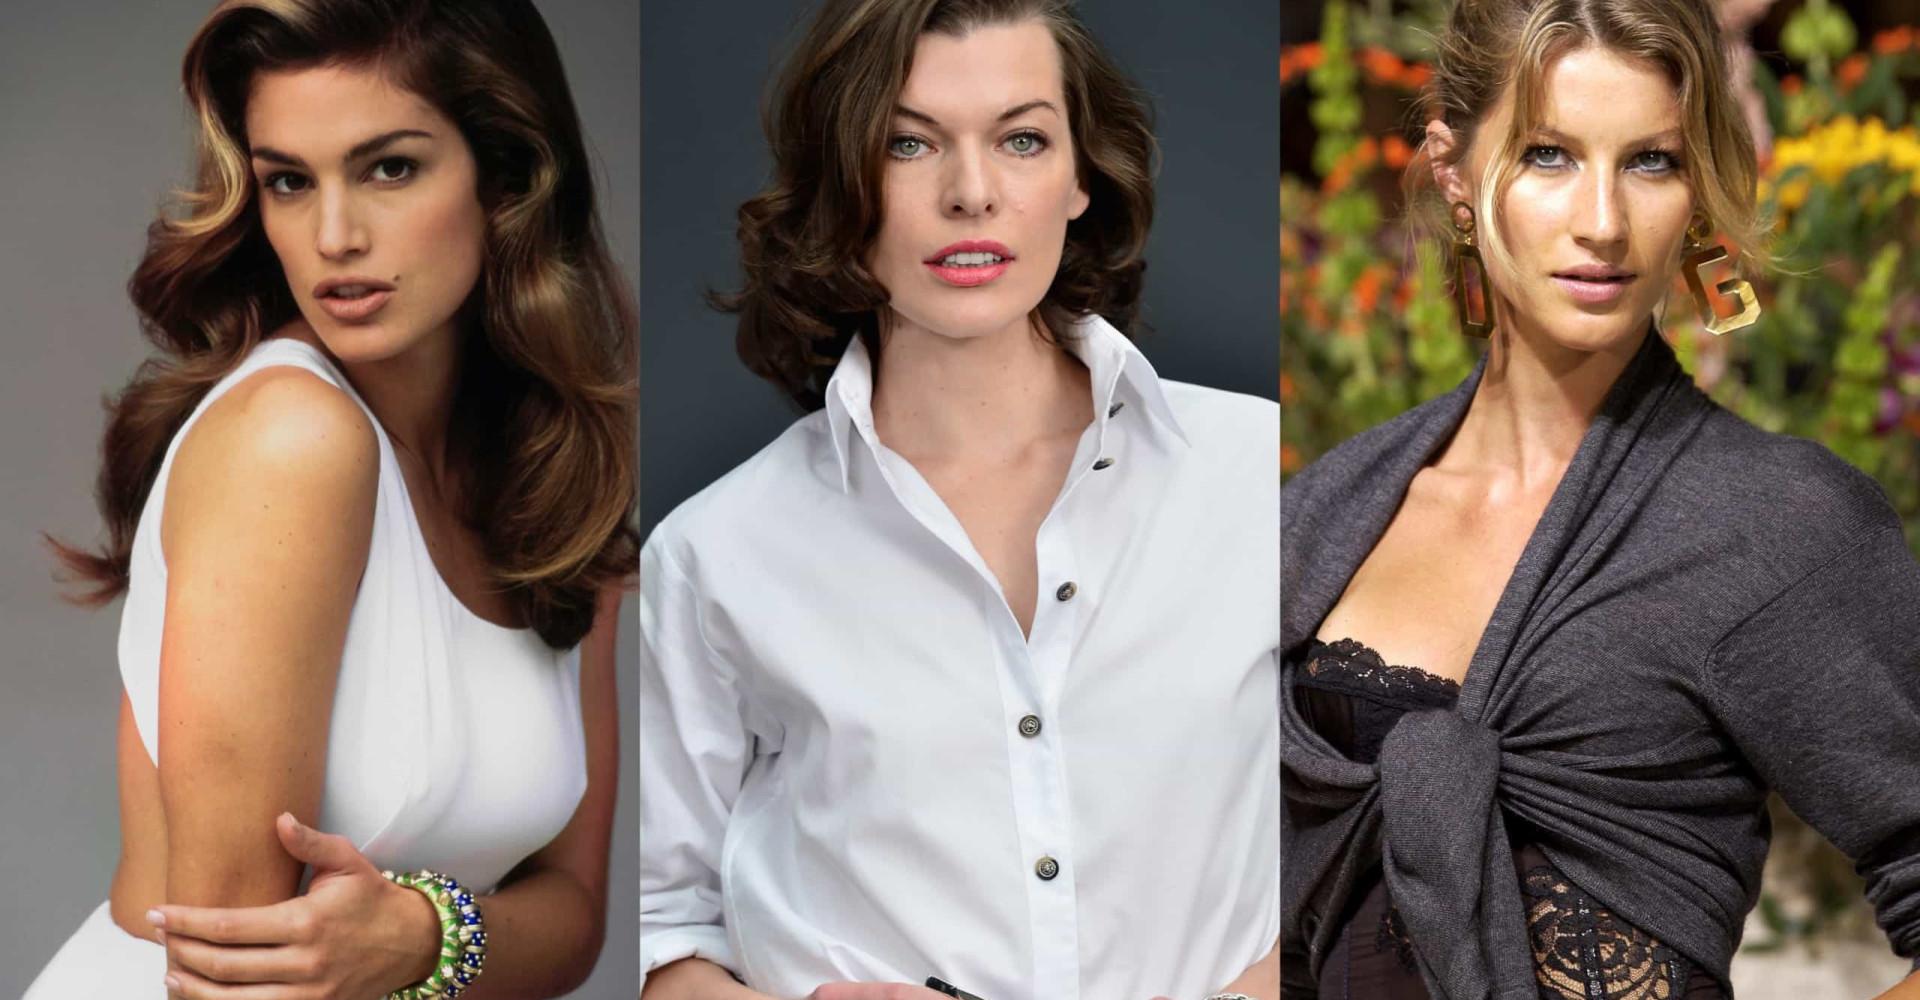 Le top model più celebri della storia